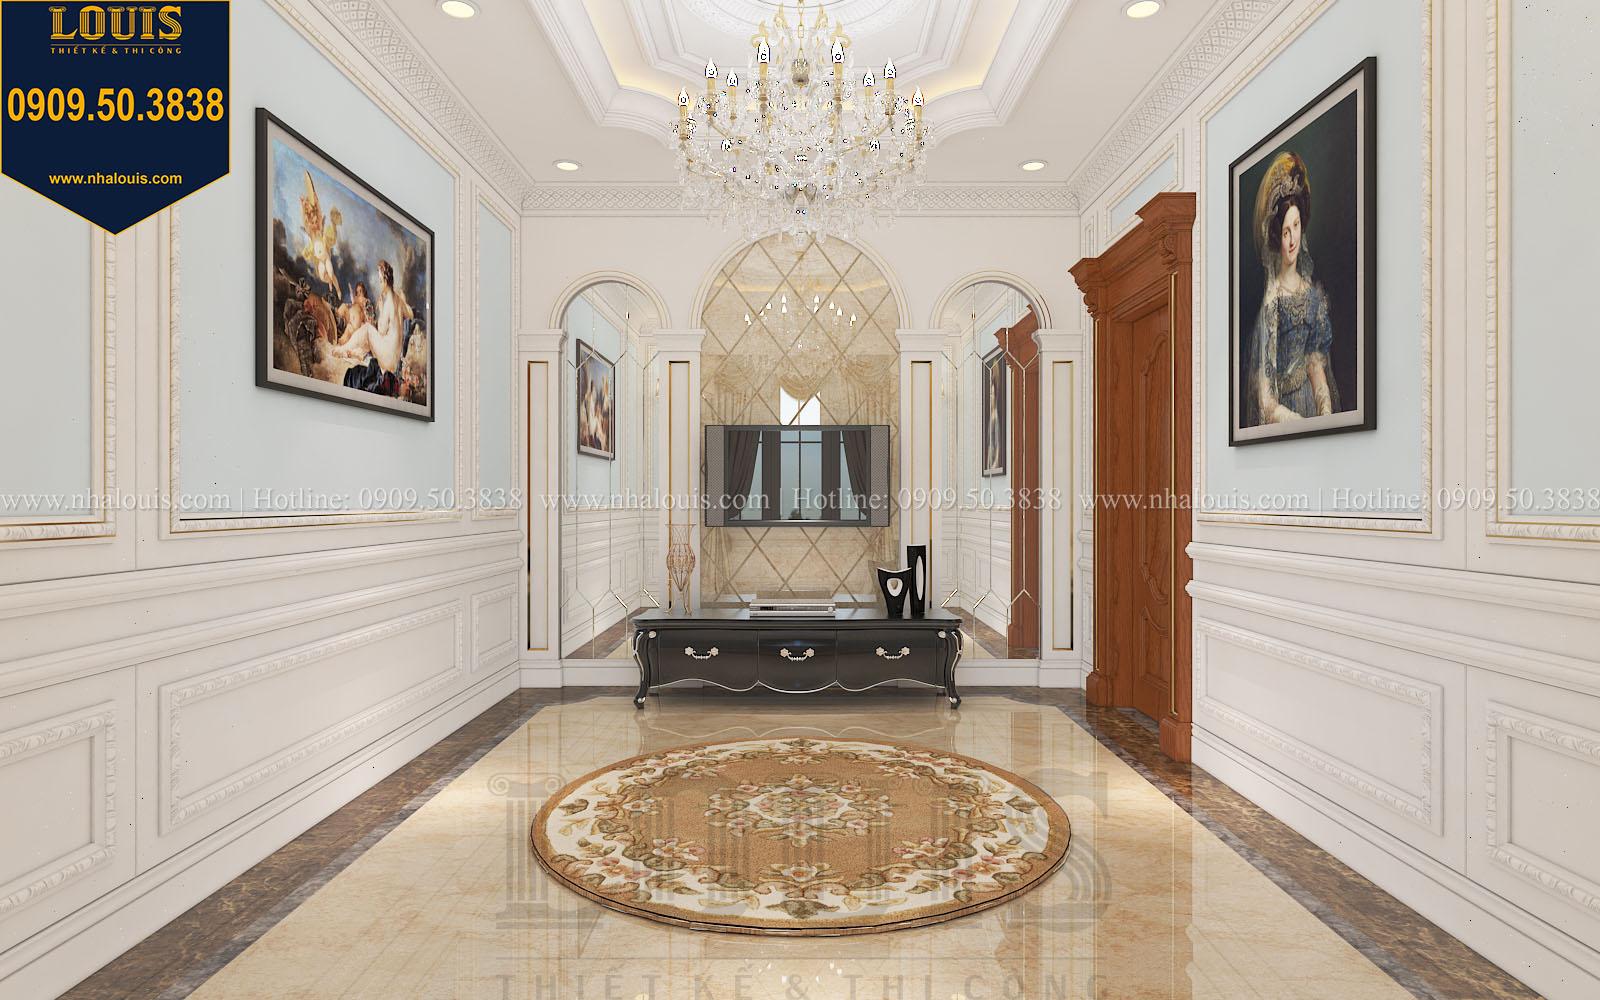 Phòng sinh hoạt chung biệt thự phong cách cổ điển châu Âu - 046